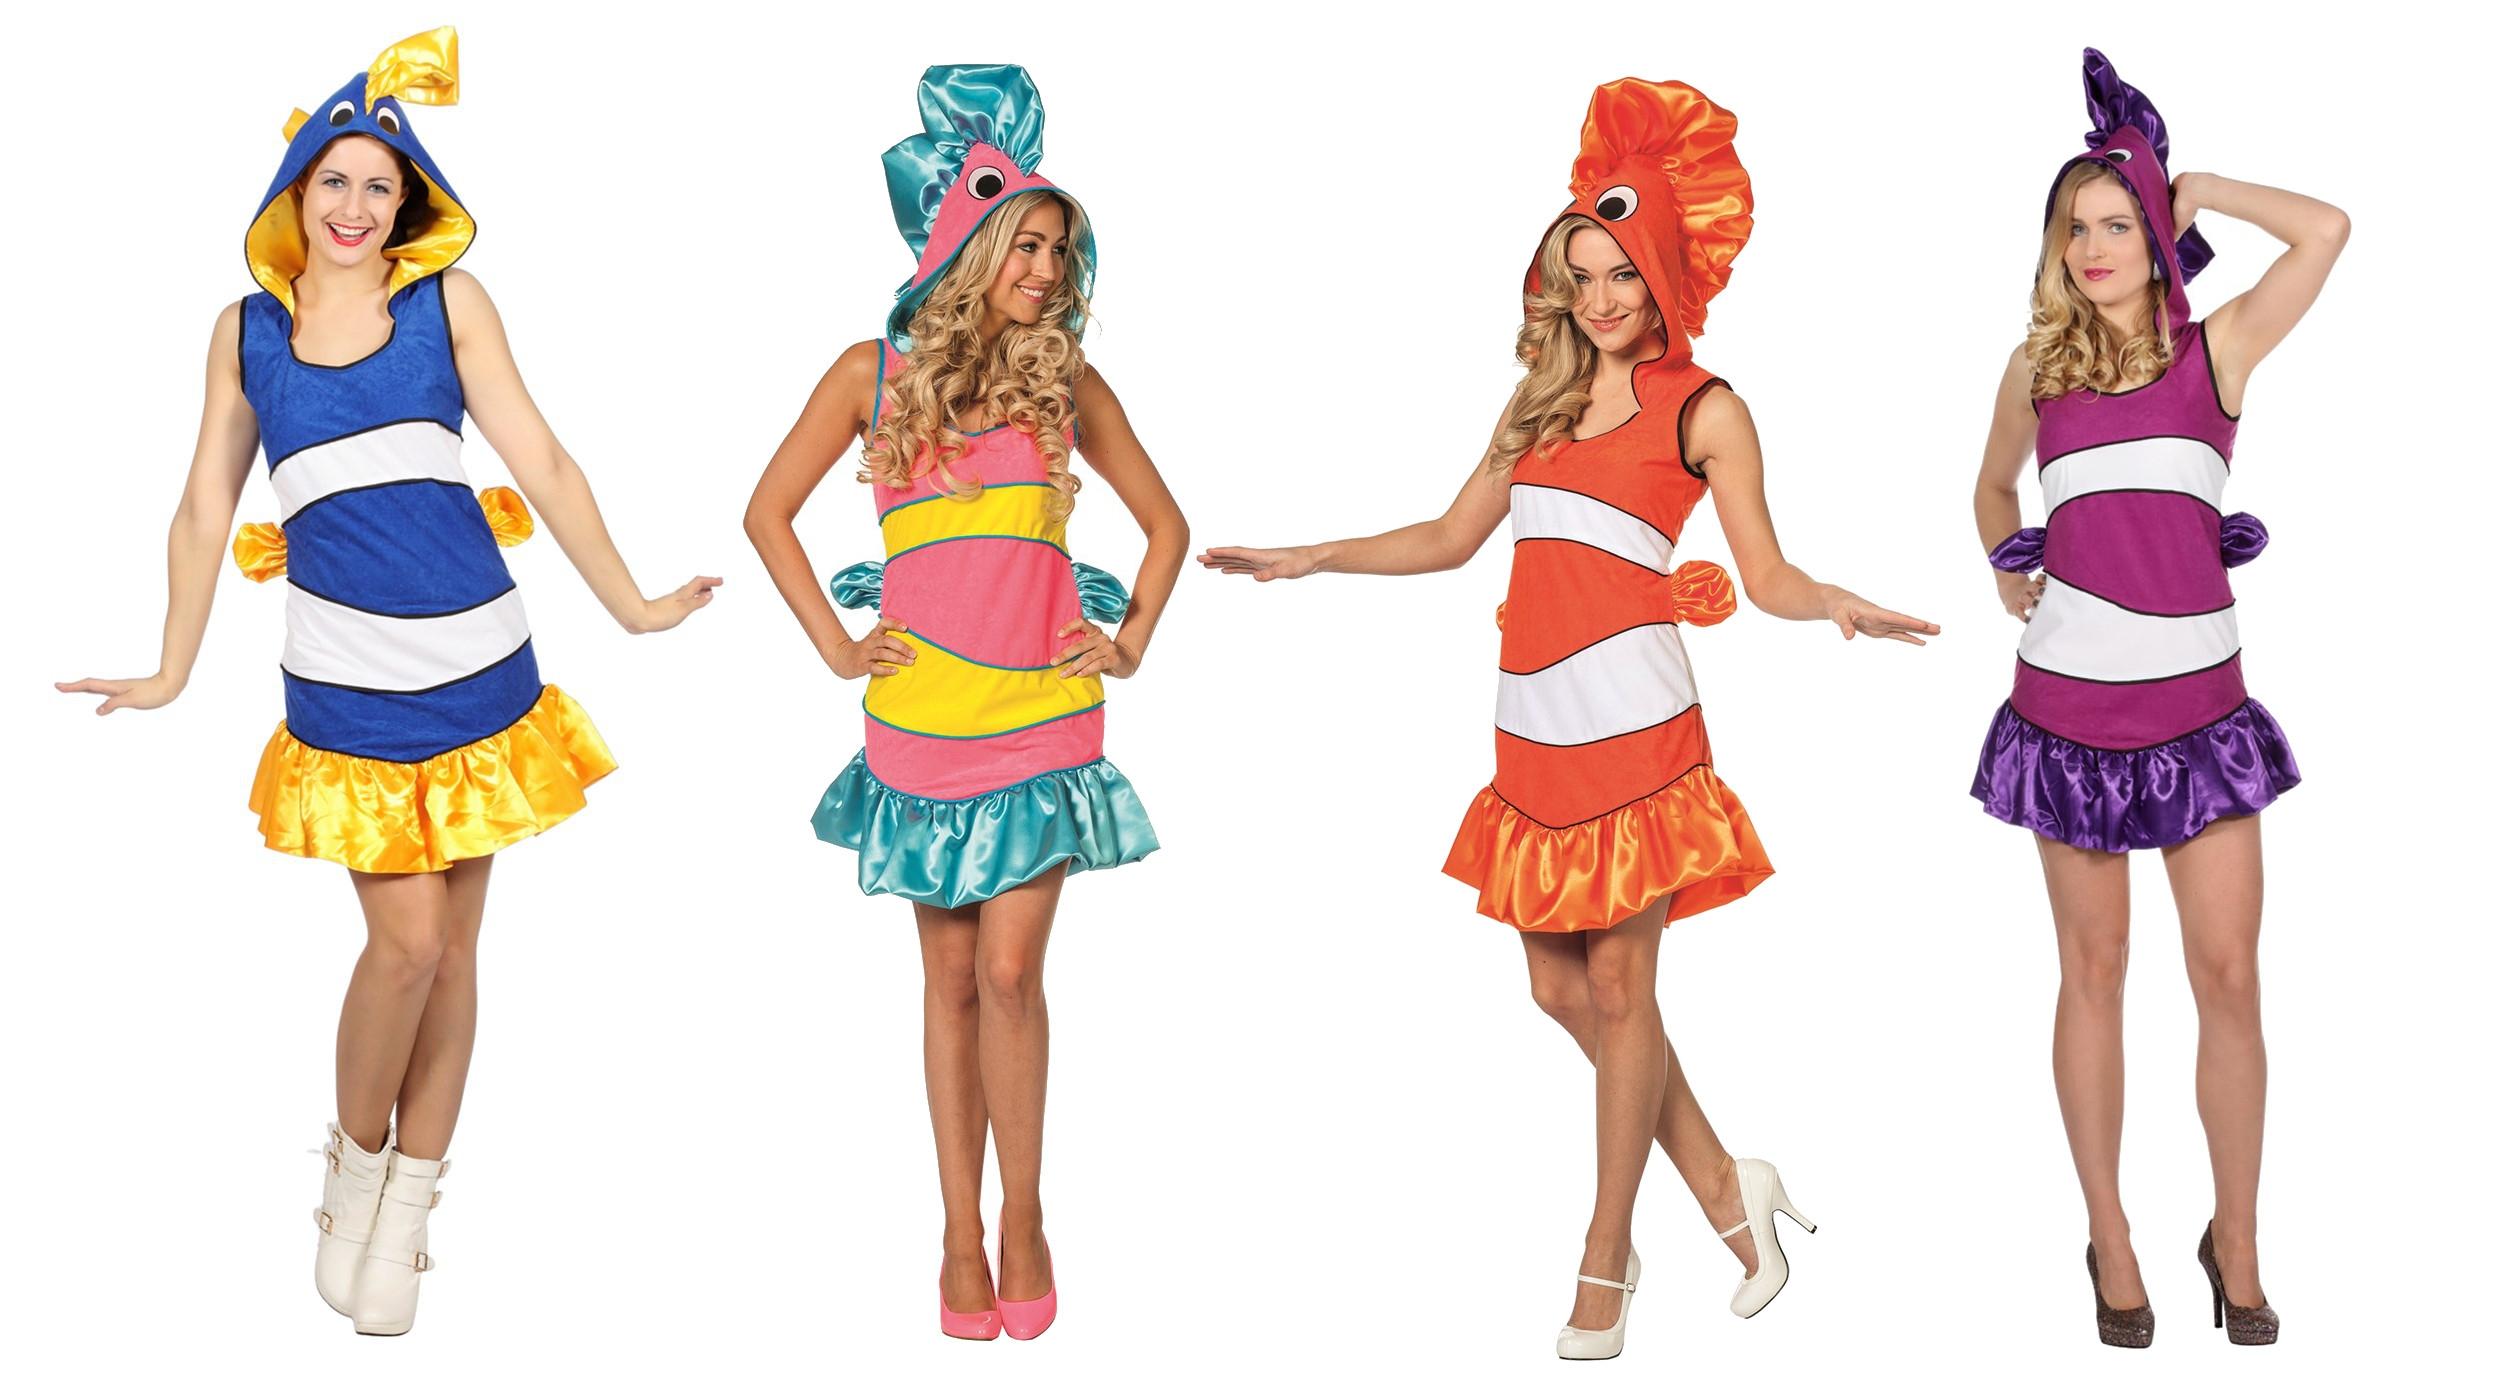 Kostümidee Karneval Fisch Meer Wasser